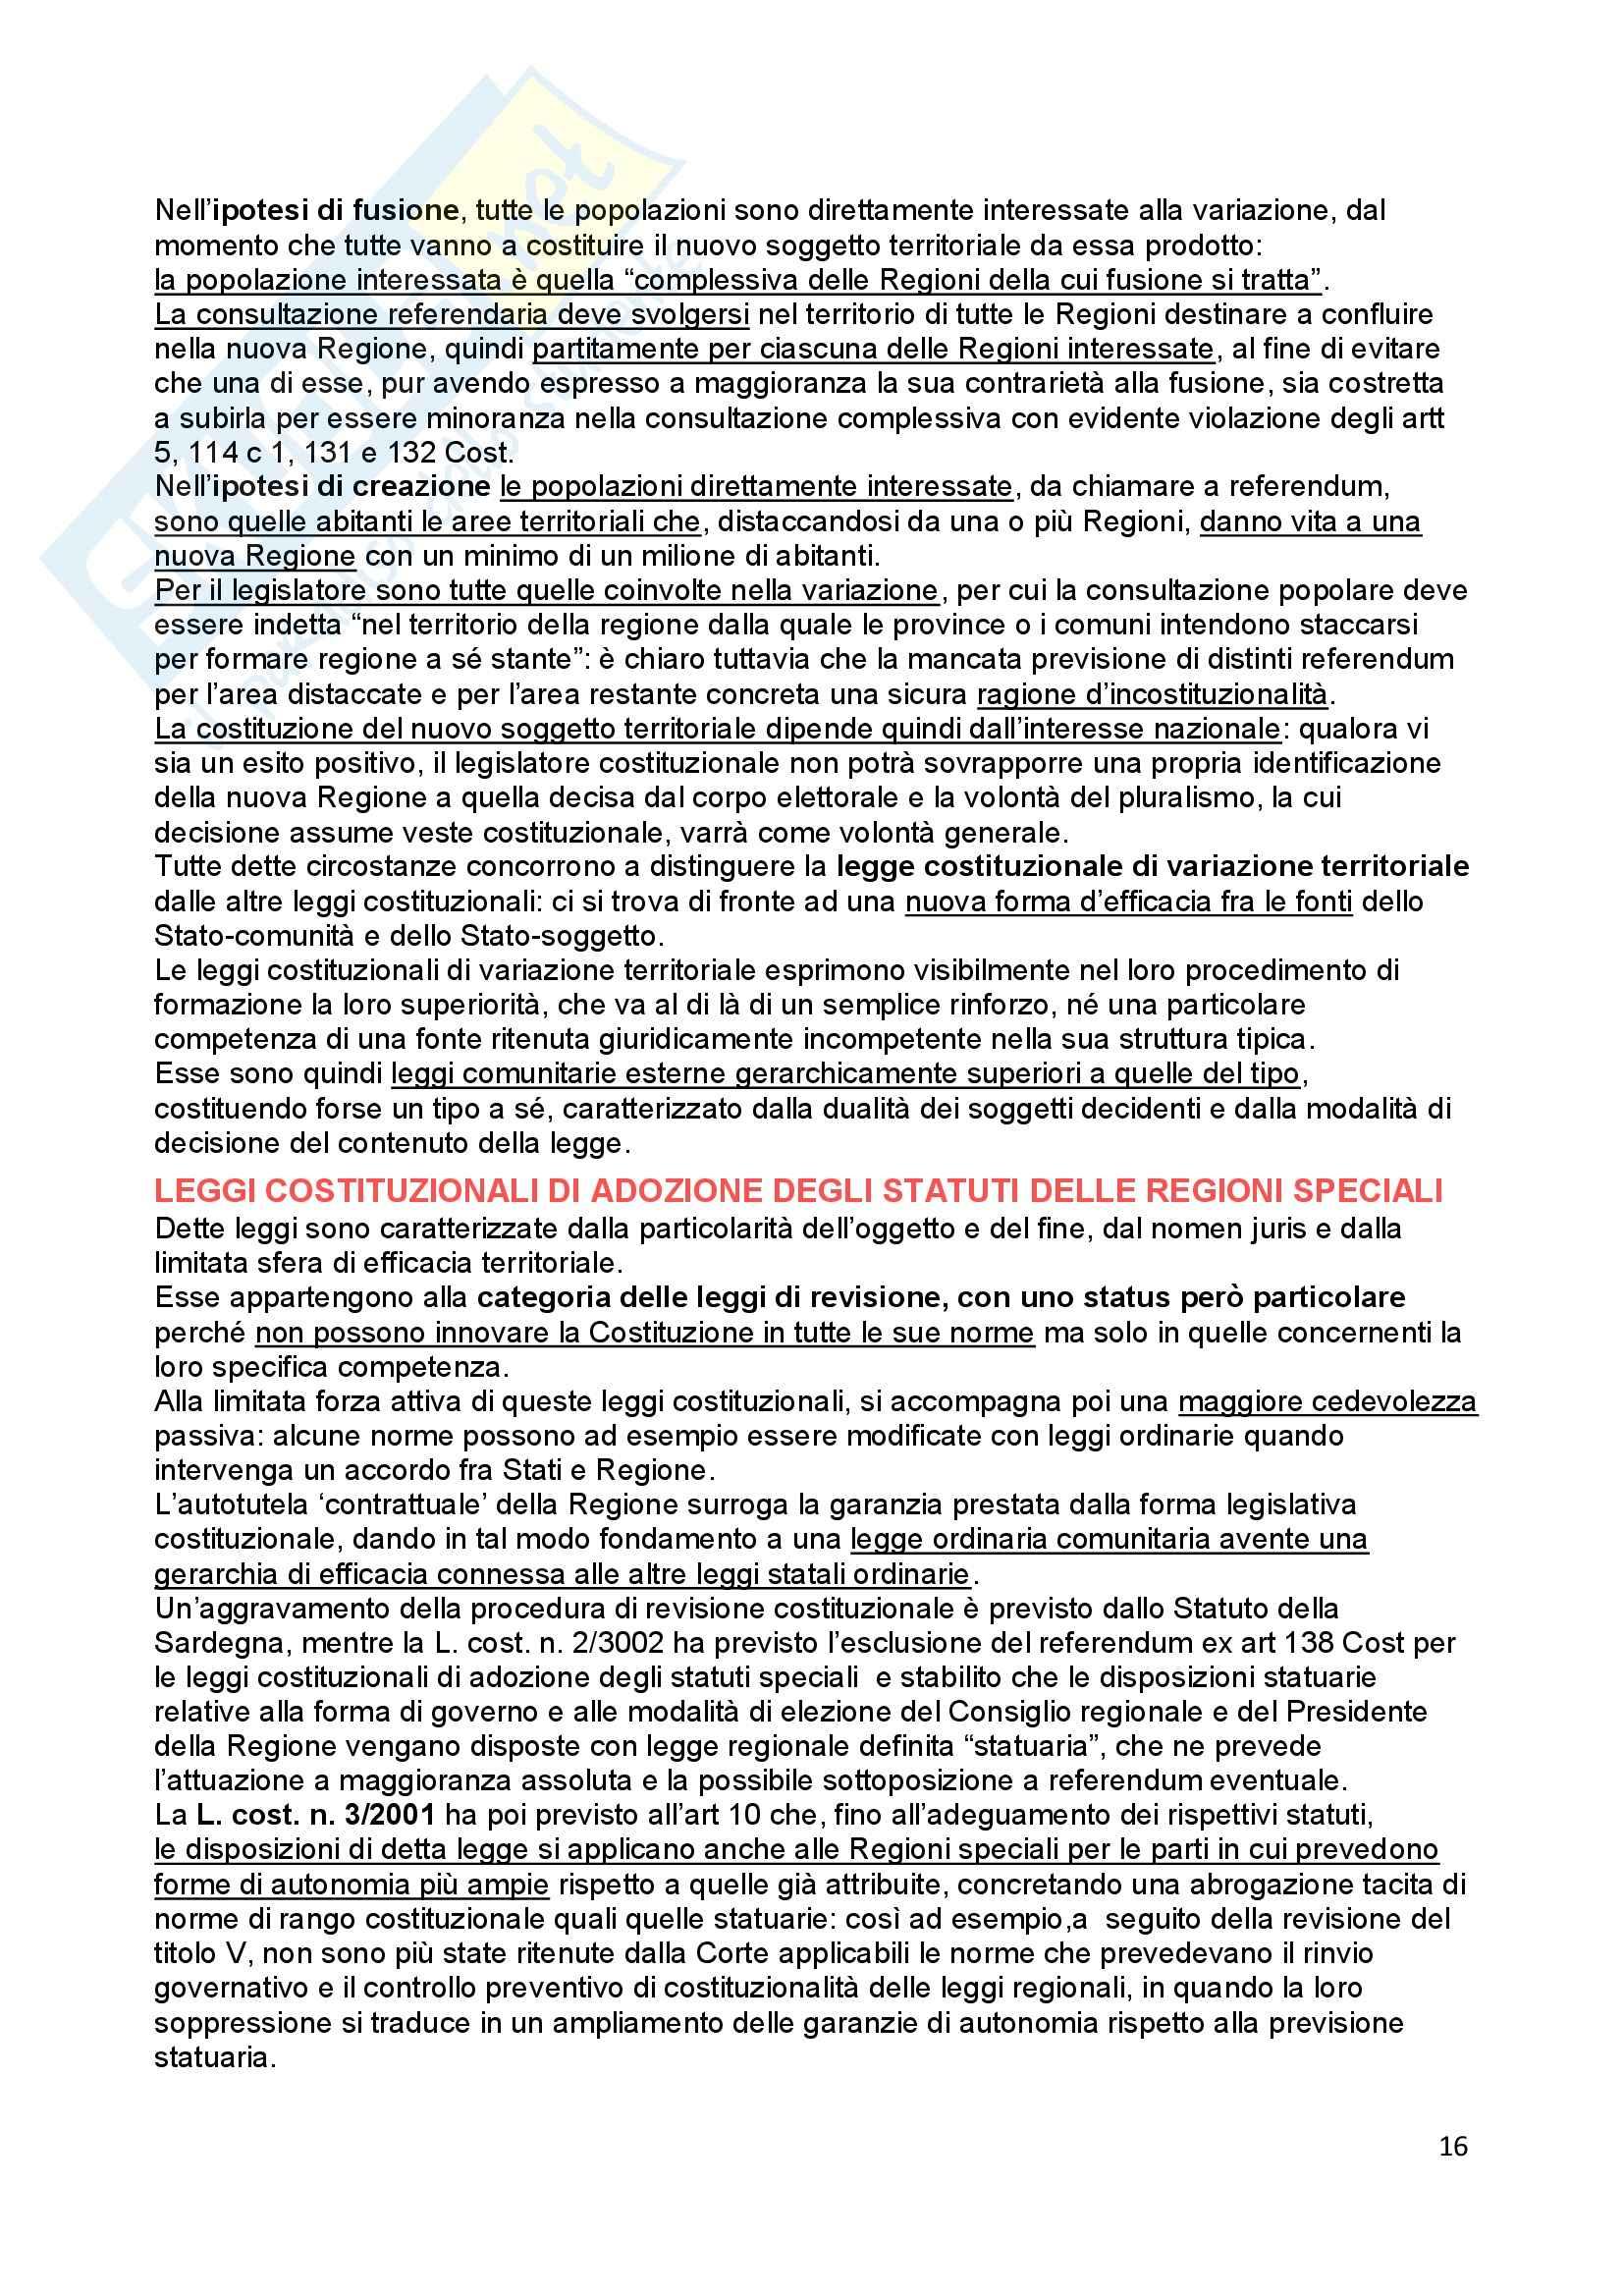 Riassunto esame Diritto Costituzionale, prof. Ferri, libro consigliato Fonti dell'ordinamento repubblicano, Pedrazza Gorlero Pag. 16